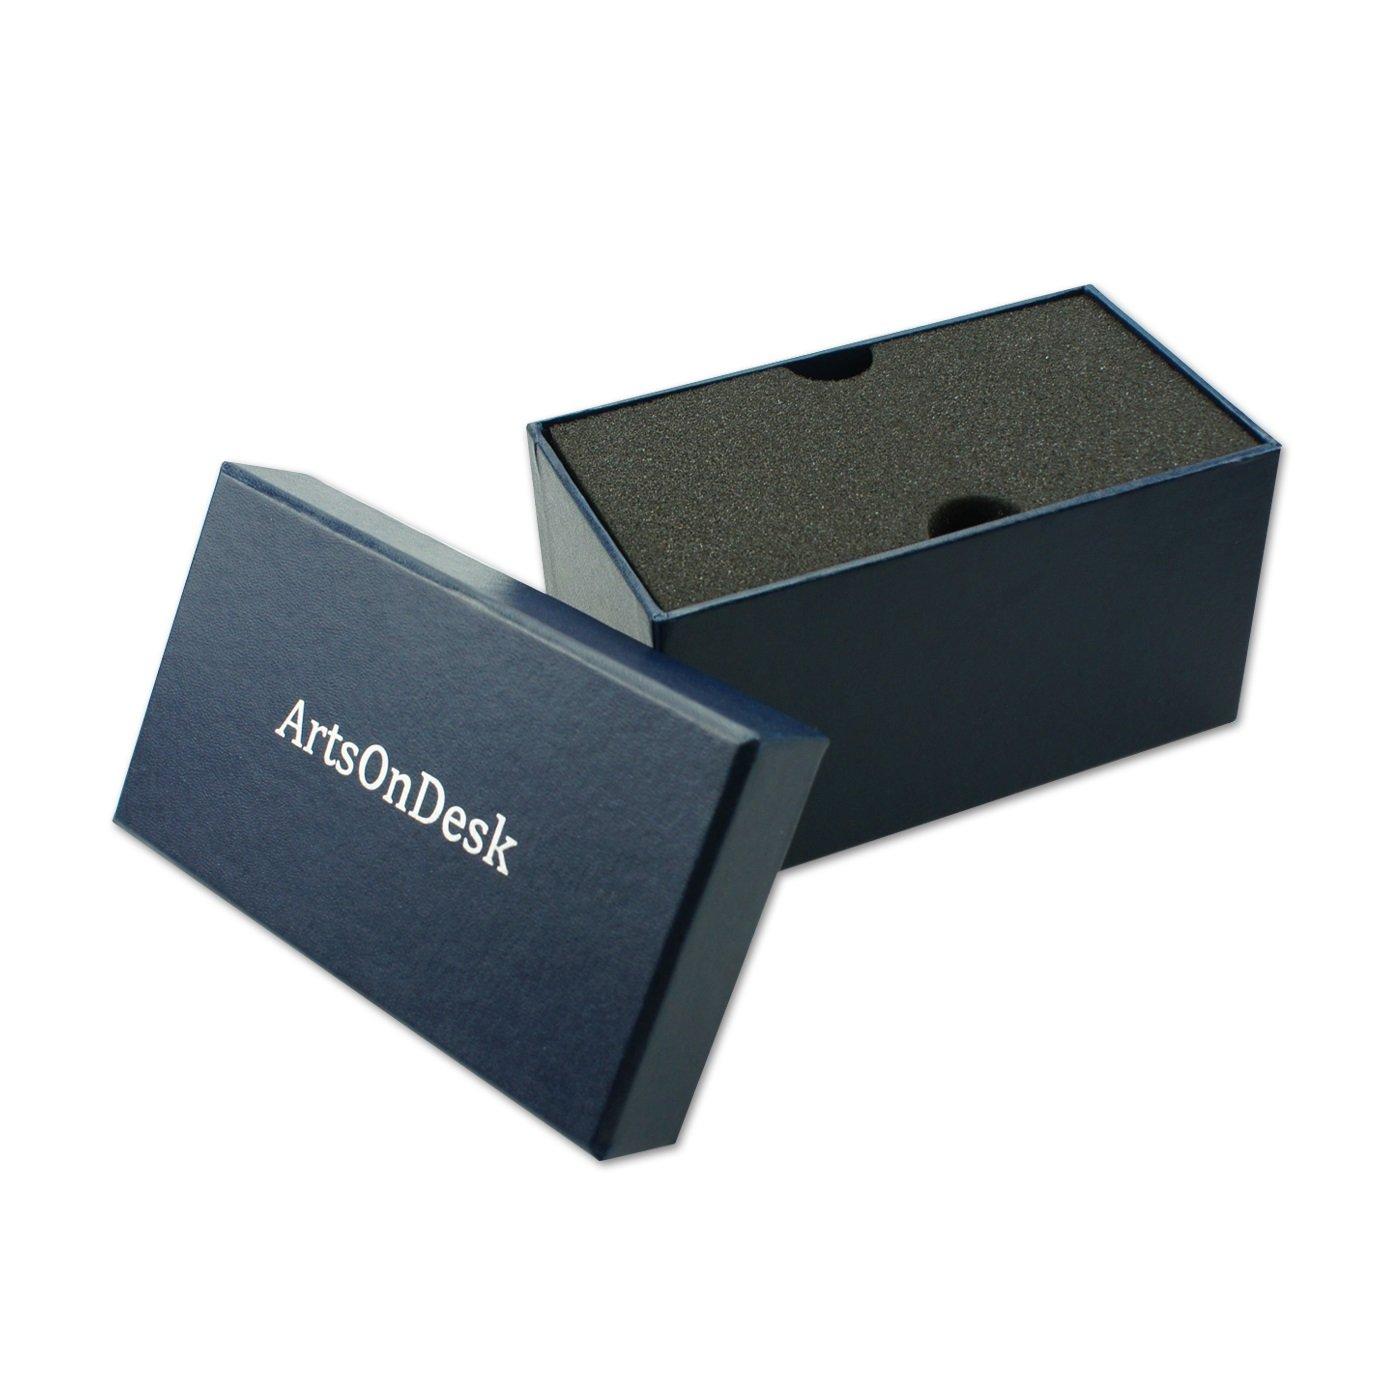 ArtsOnDesk moderna arte titolare del biglietto da visita Bk301 acciaio nero brevettato lusso high-end scrivania nome accessorio targhetta espositori caso ufficio organizzatore